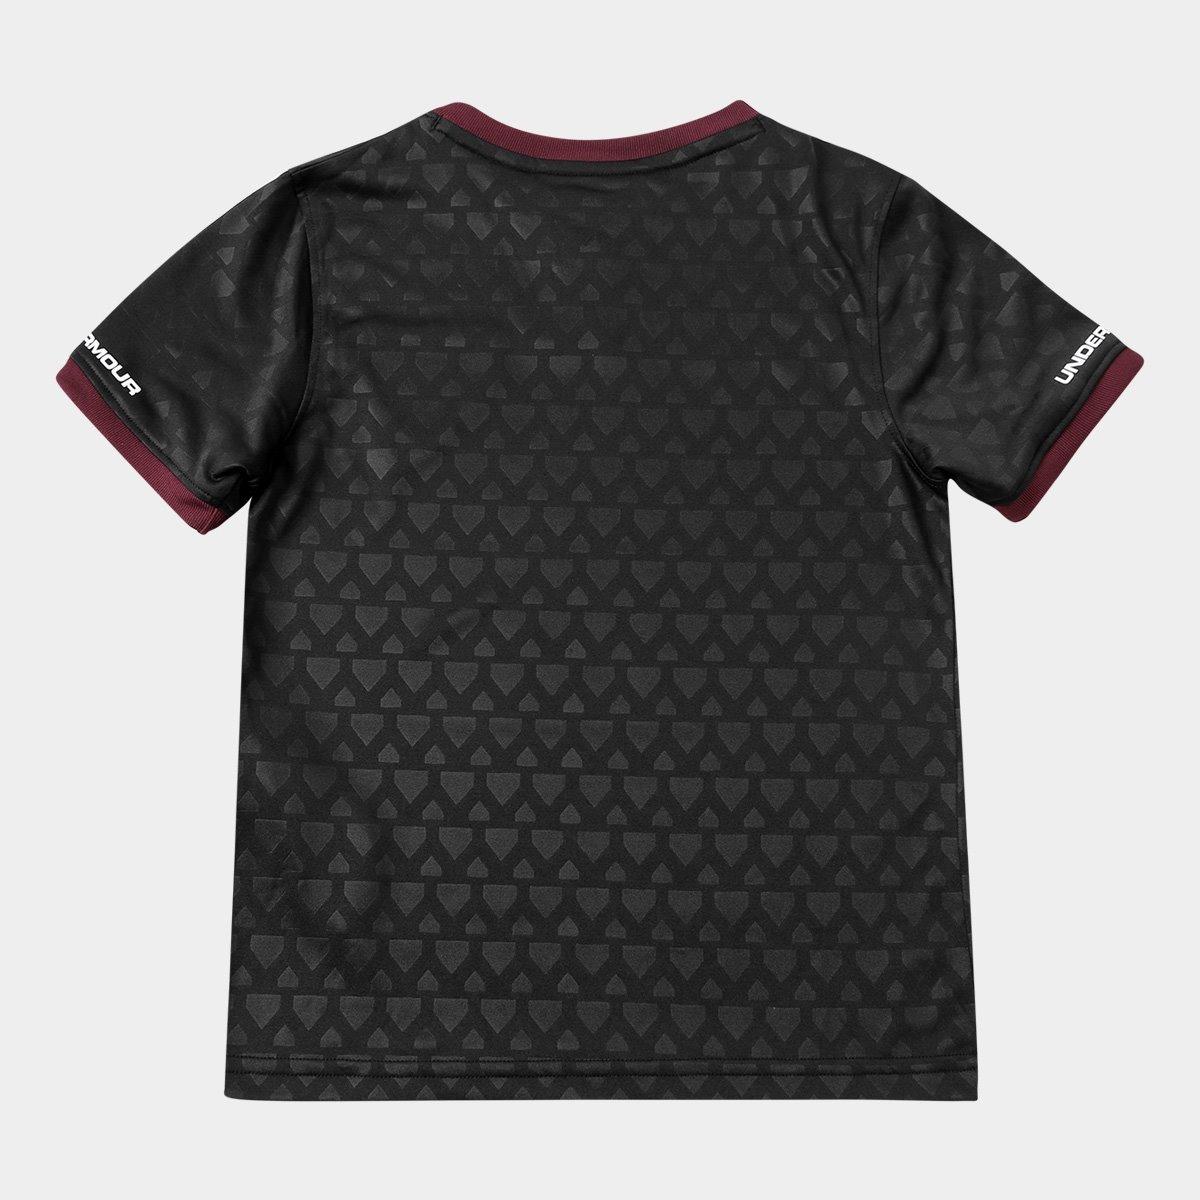 camisa sao paulo futebol clube torcedor oficial. Carregando zoom. 2ecda71480d47